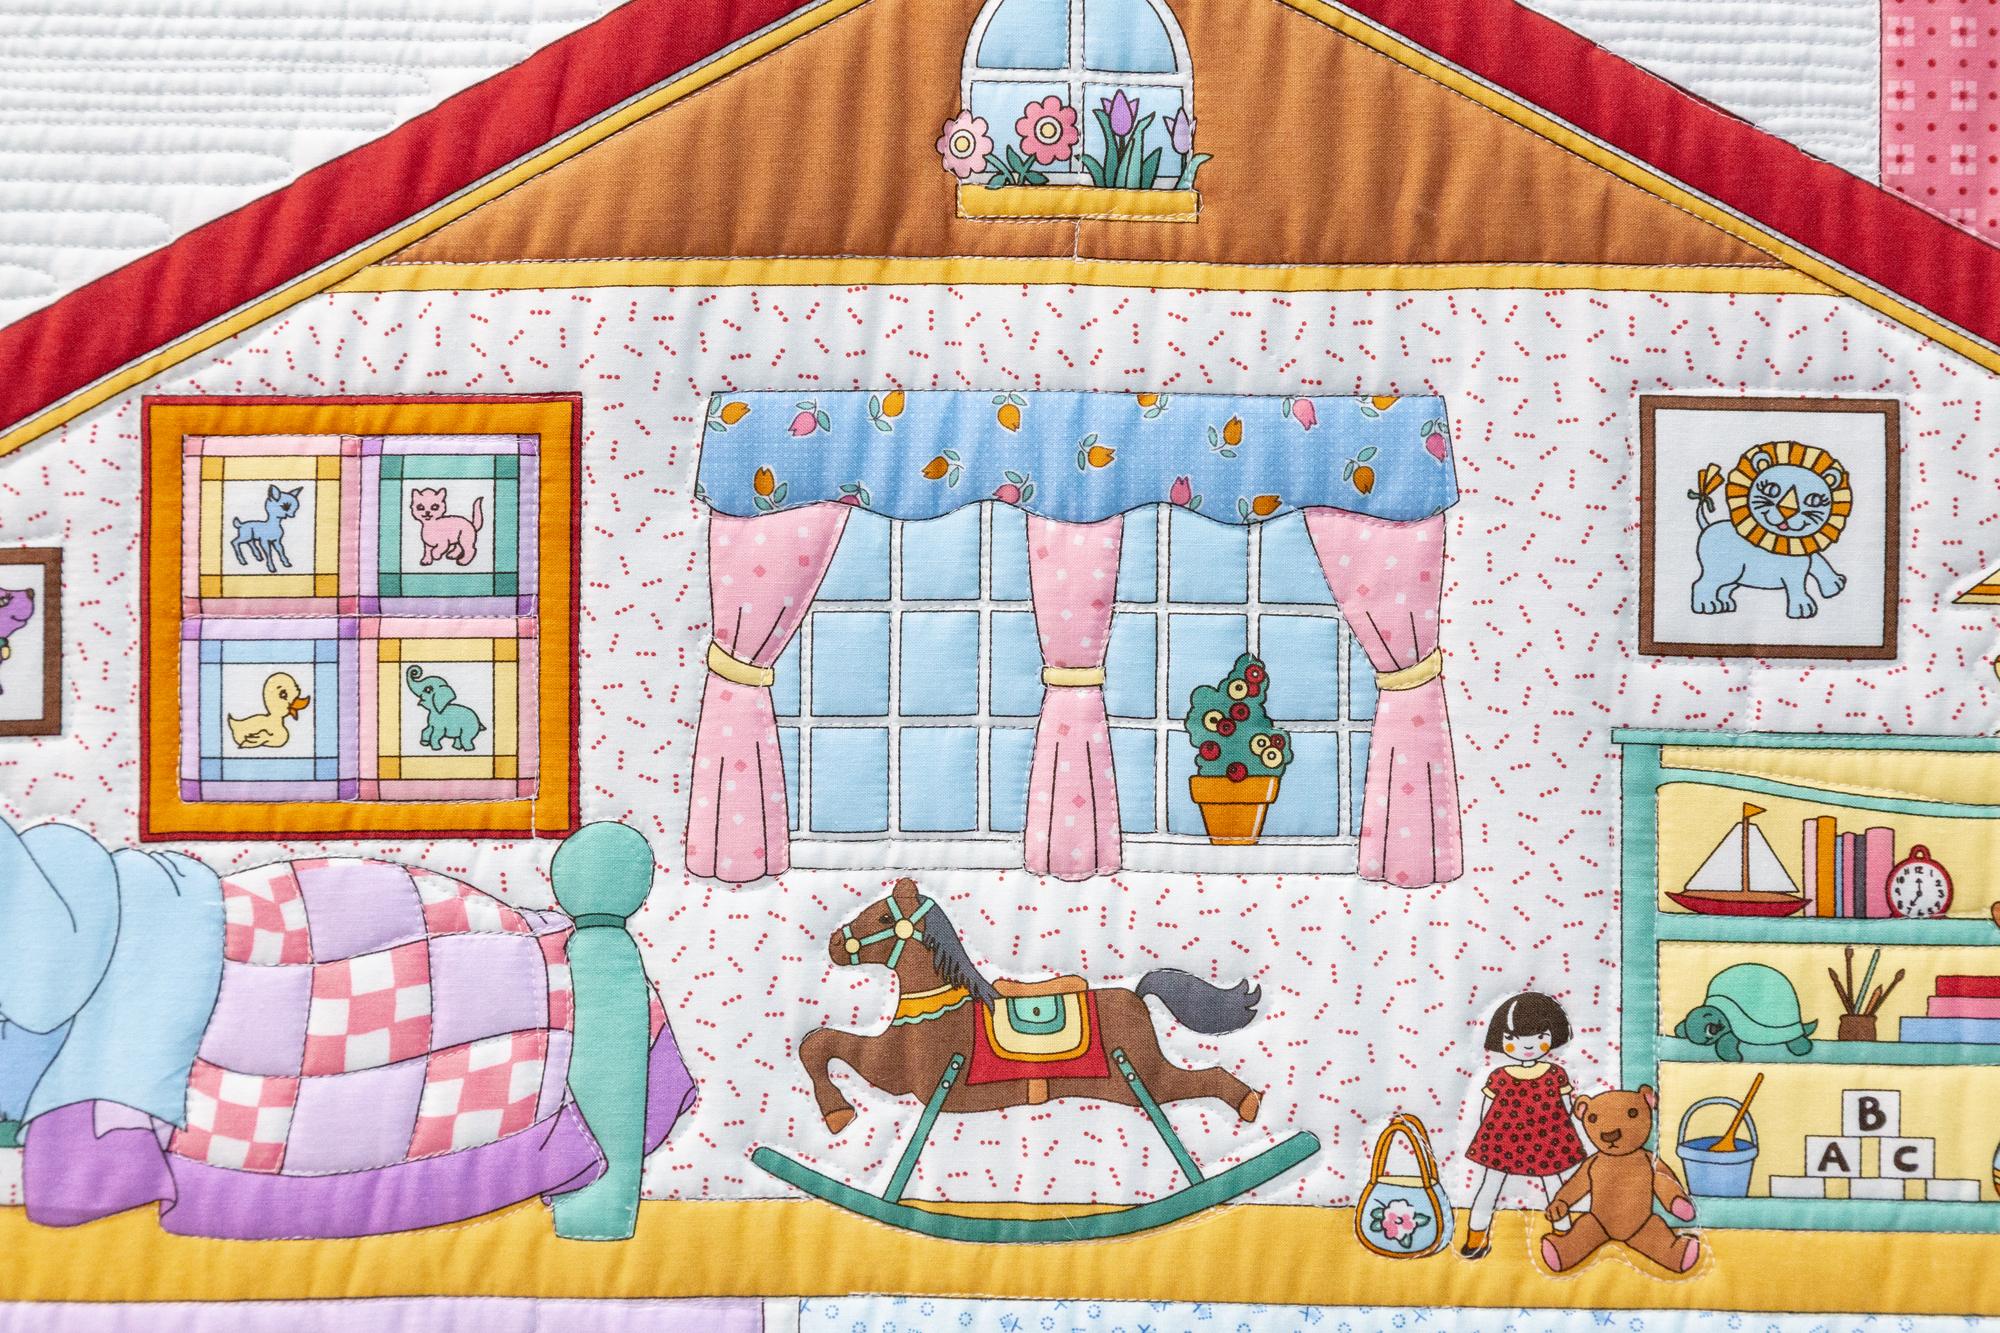 RK_QMspring18_Pennys Dollhouse_004.jpg